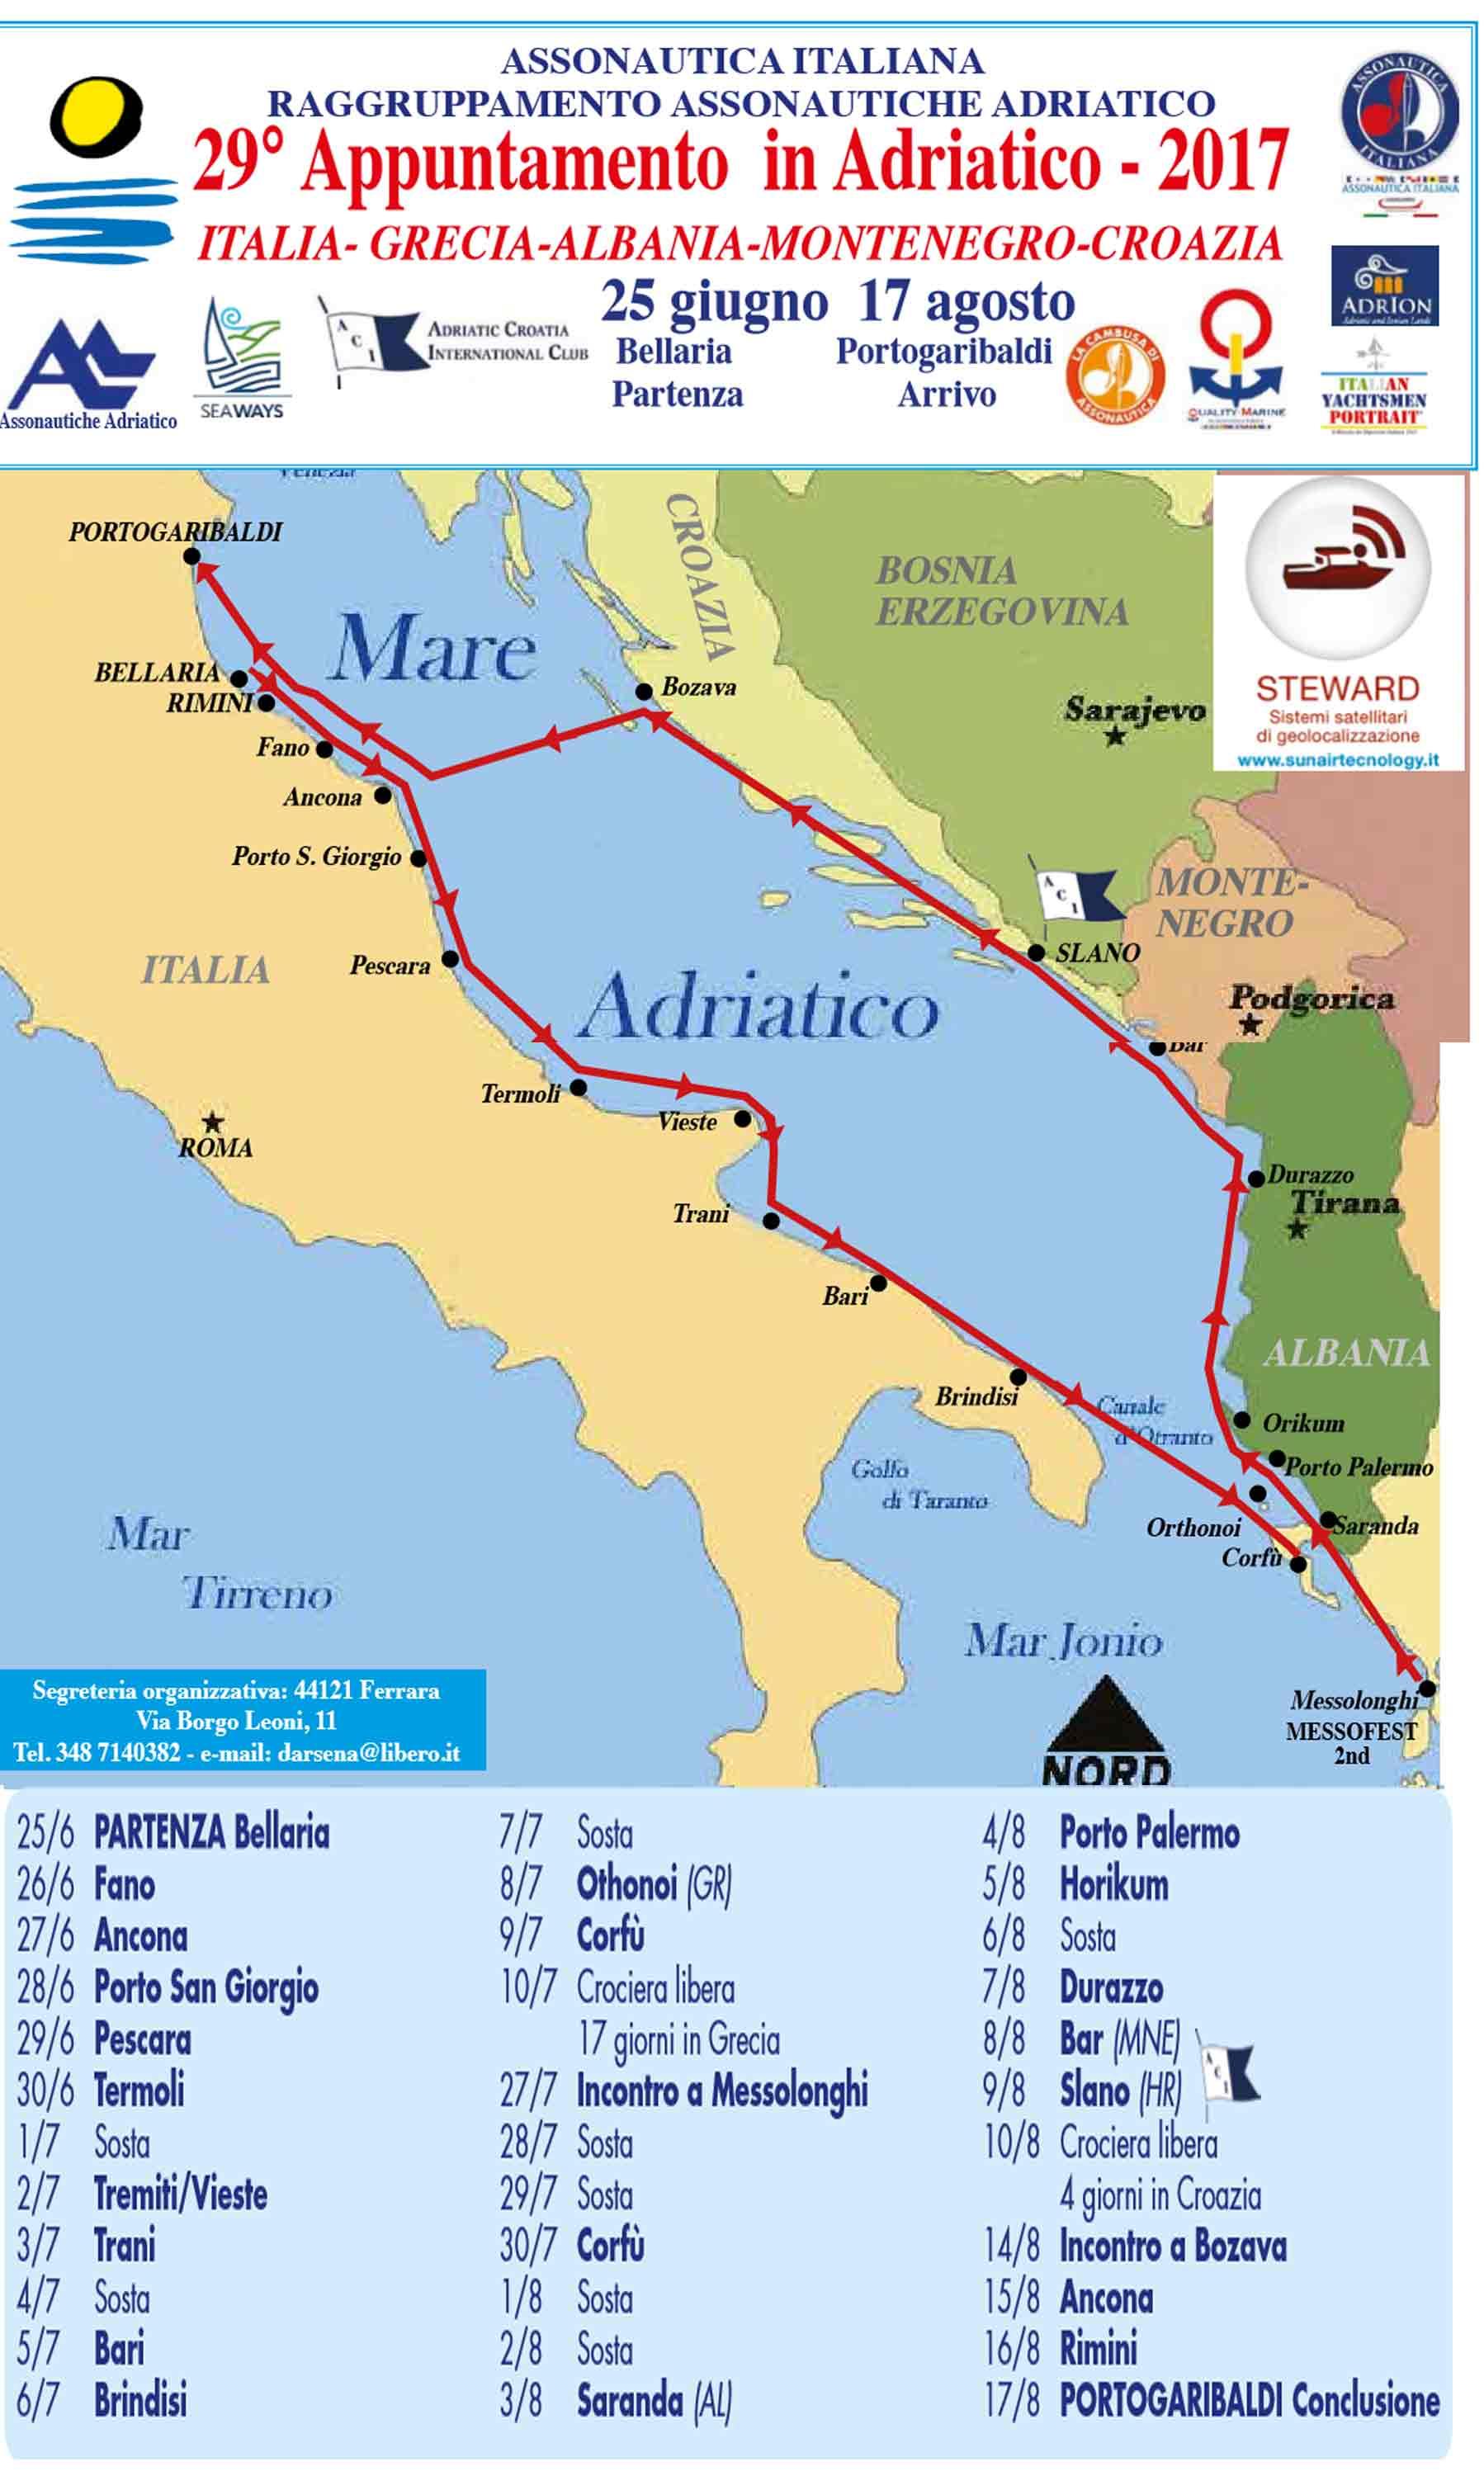 29°Appuntamento in Adriatico 2017